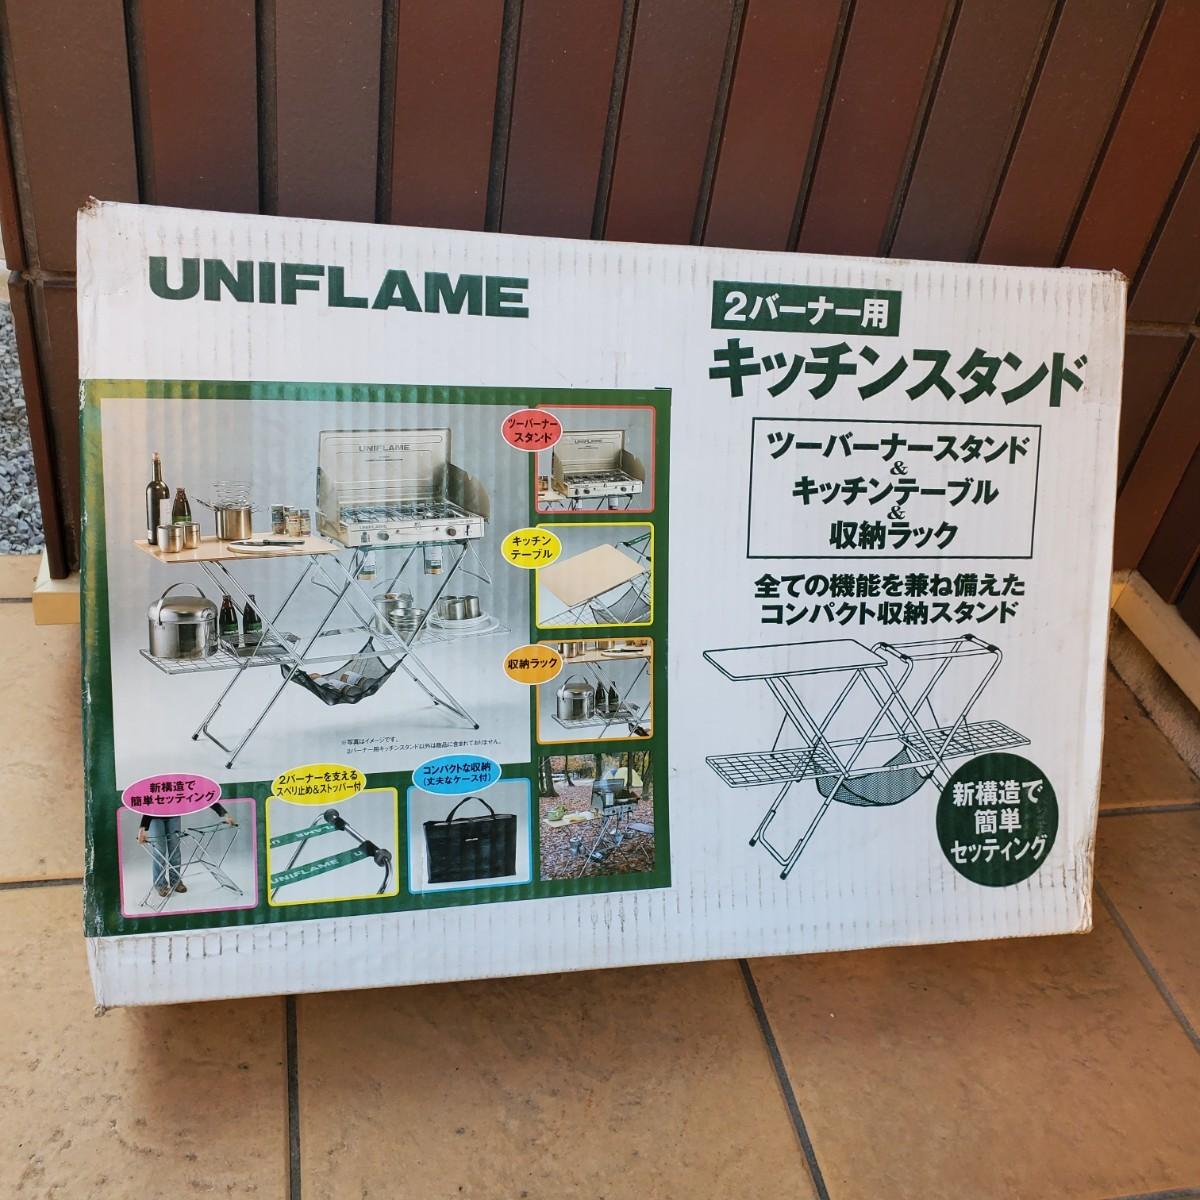 ユニフレーム  UNIFLAME  キッチンスタンド 天板ウッド